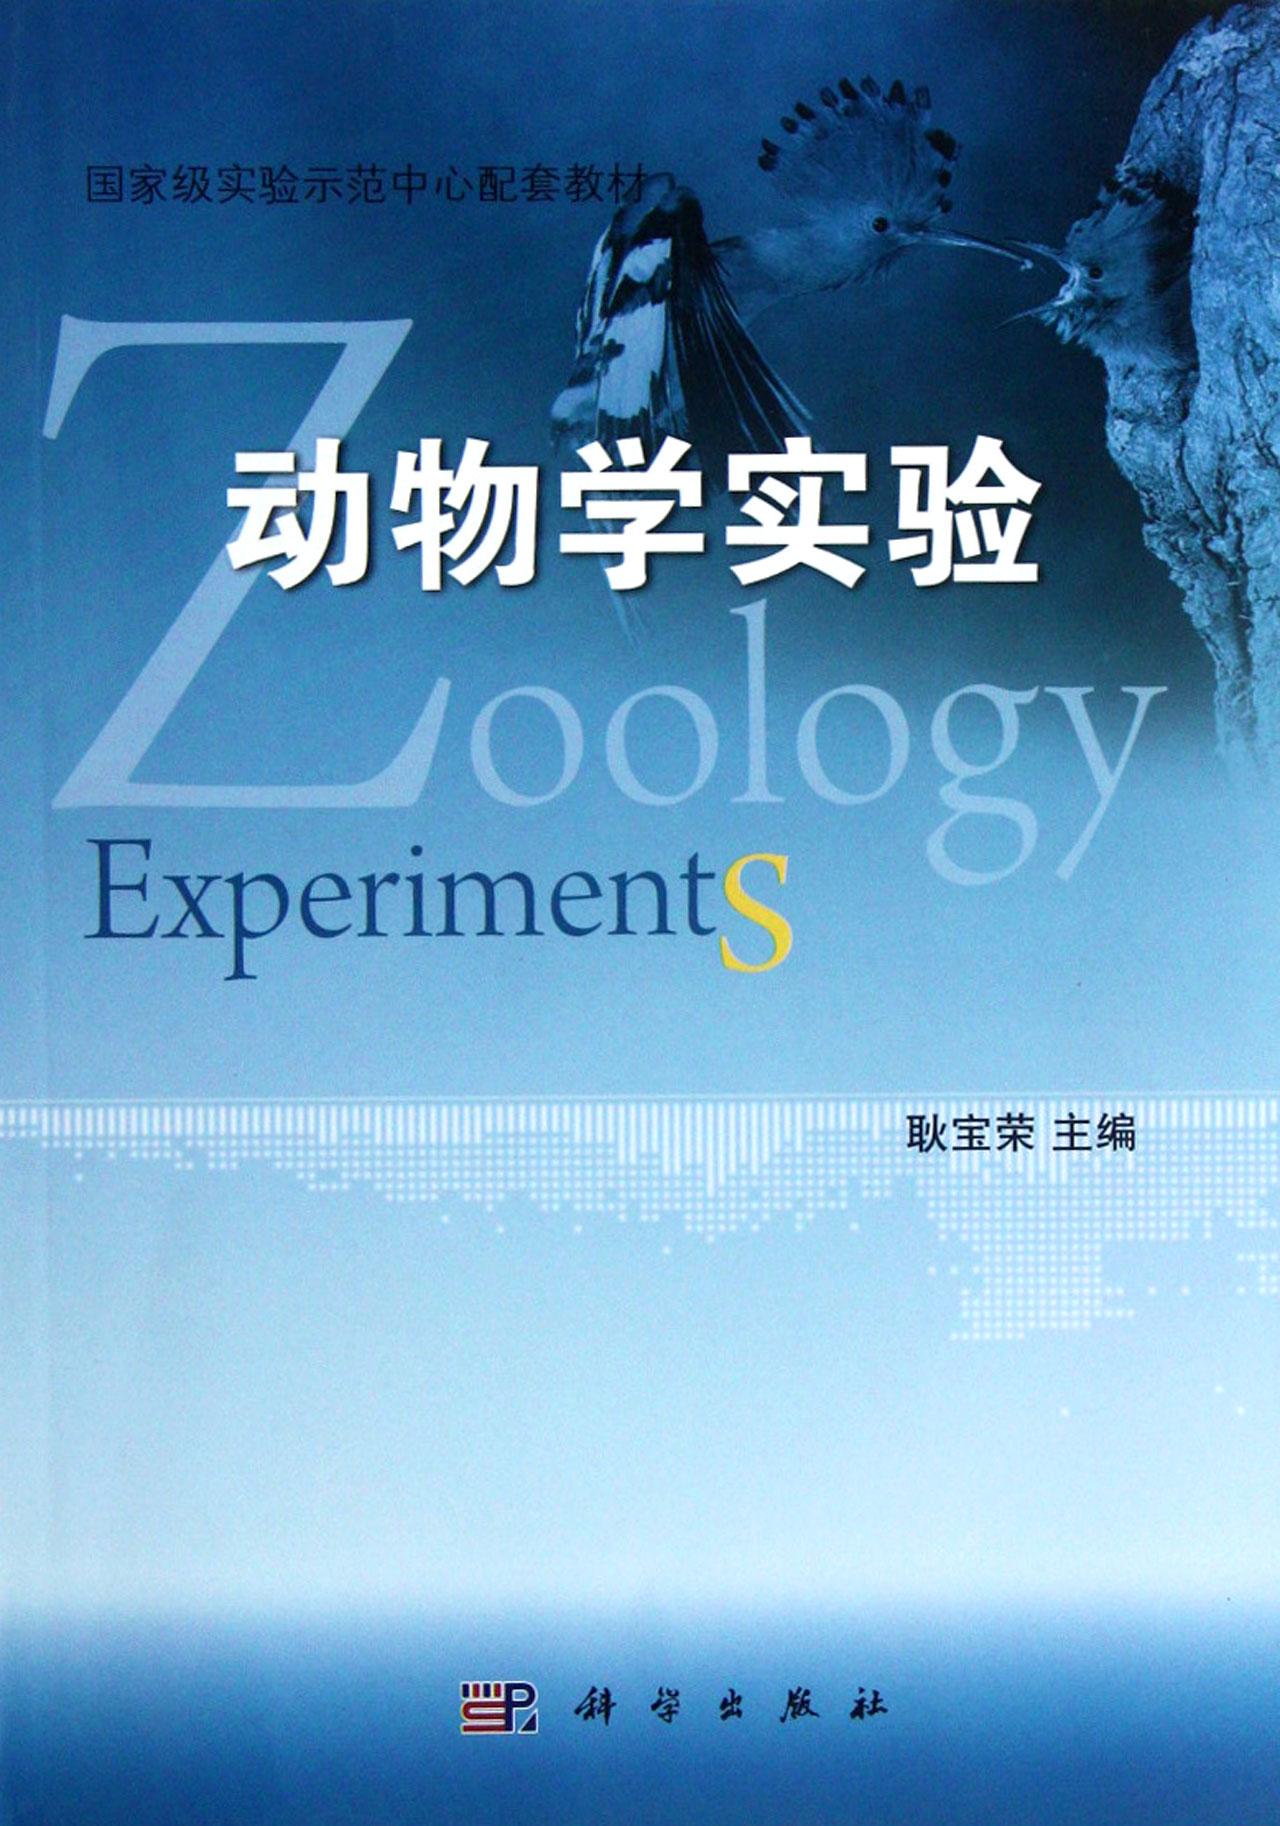 动物学实验-博库网